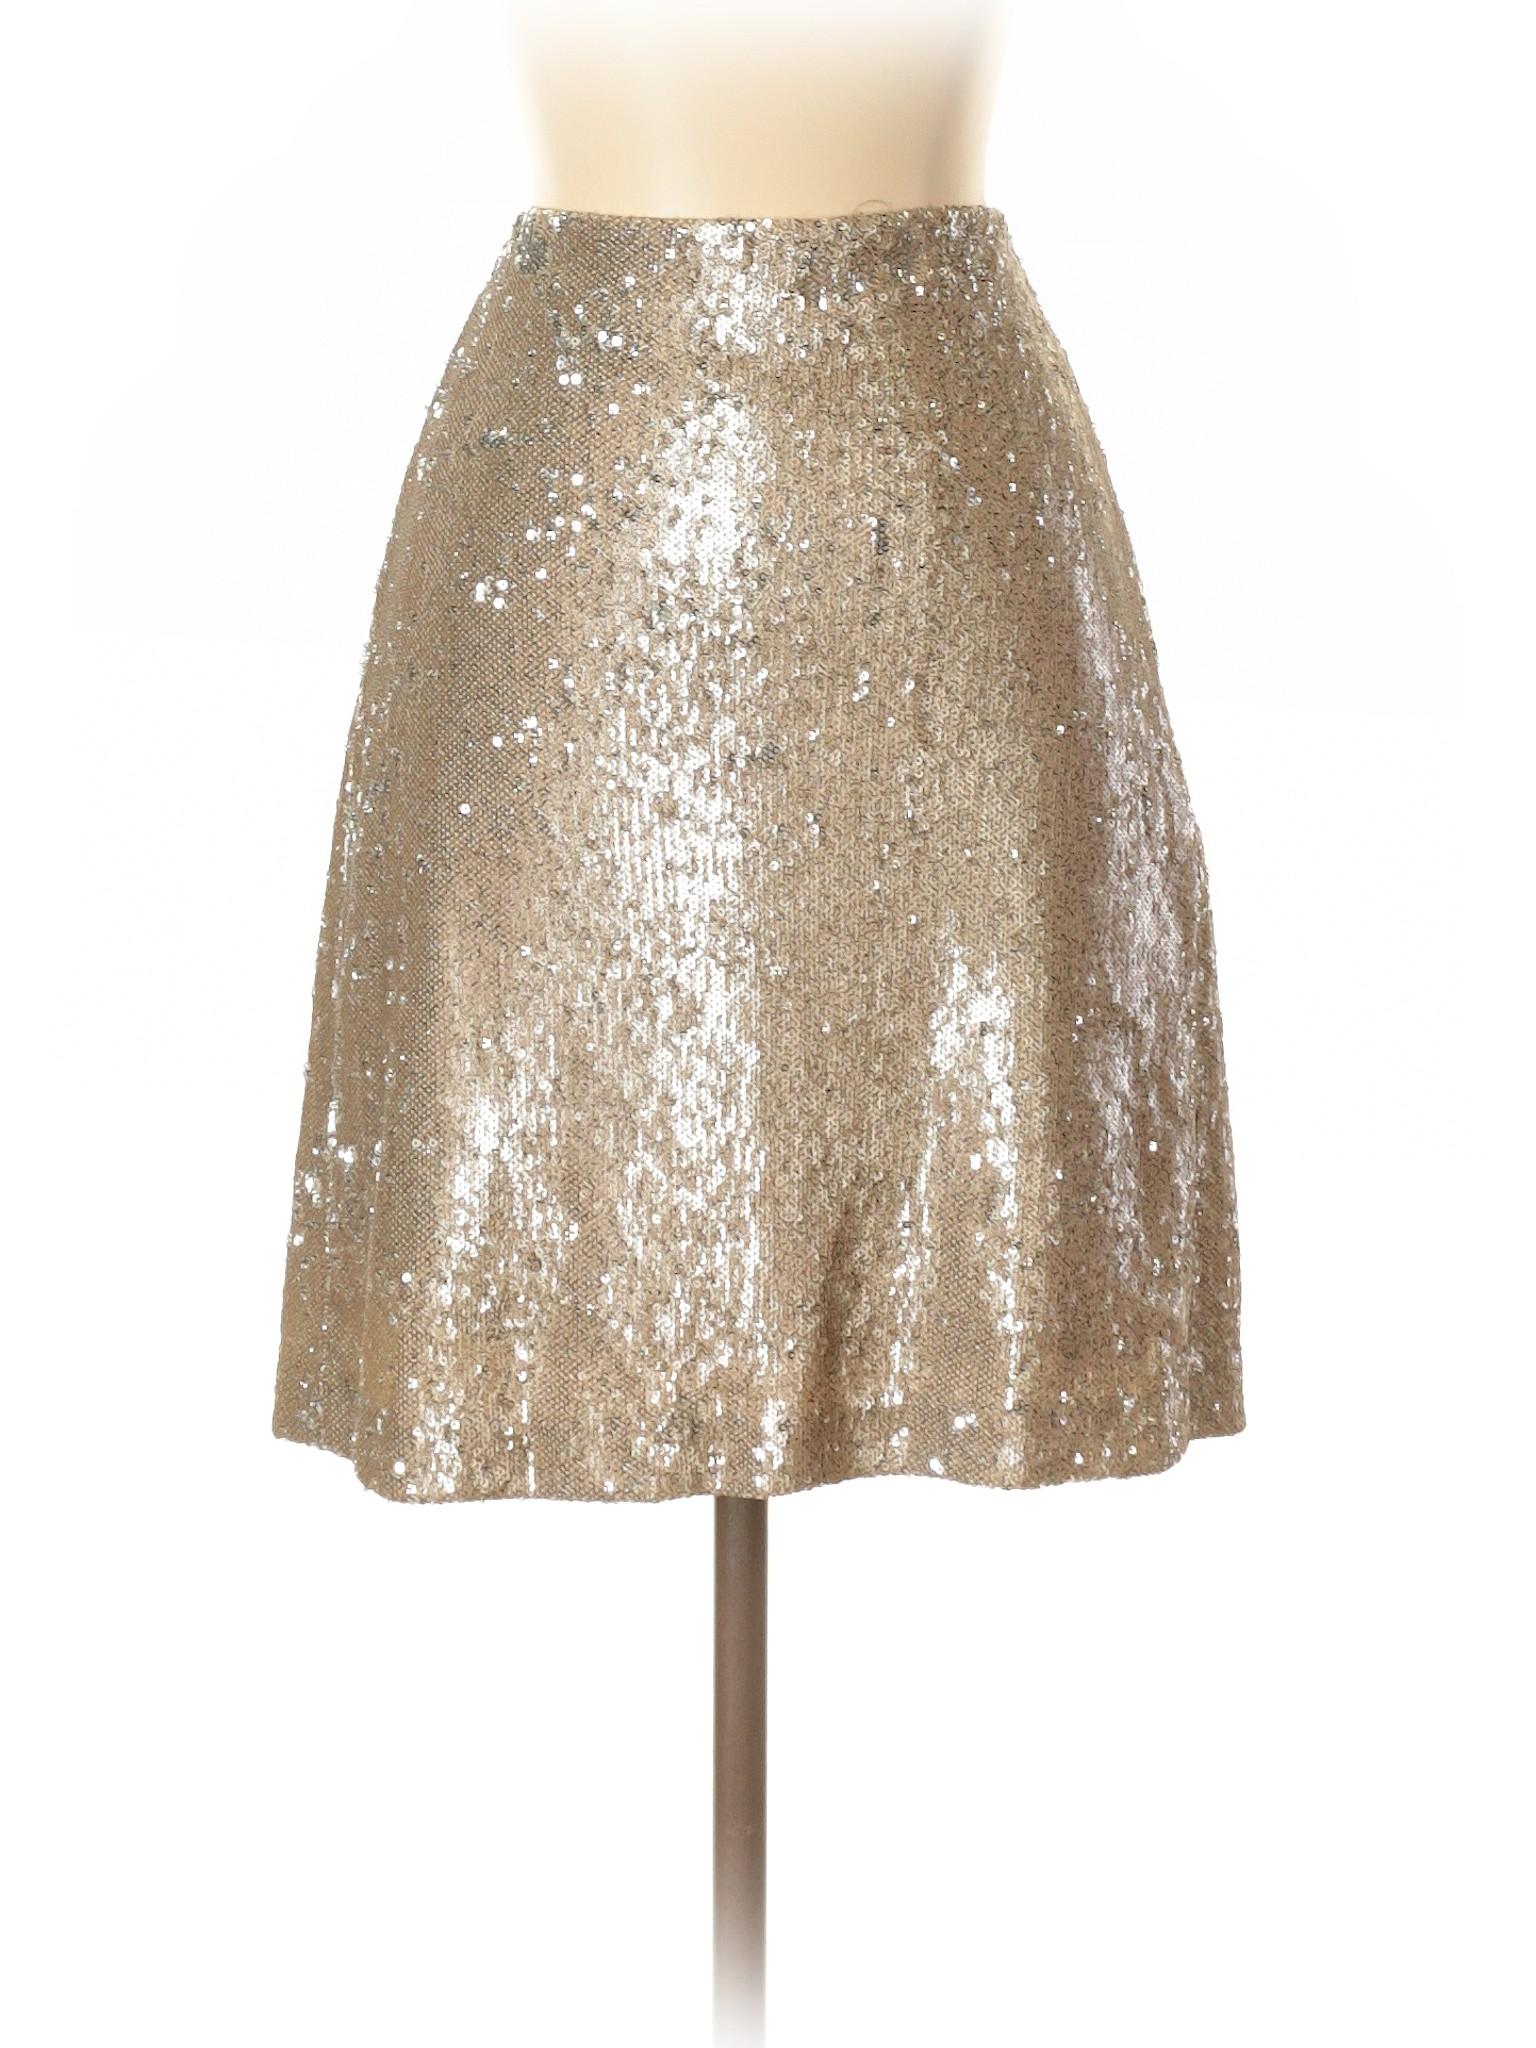 Boutique Skirt Casual Boutique Skirt Boutique Skirt Casual Boutique Casual Casual Boutique Skirt wP4AYgxWFq